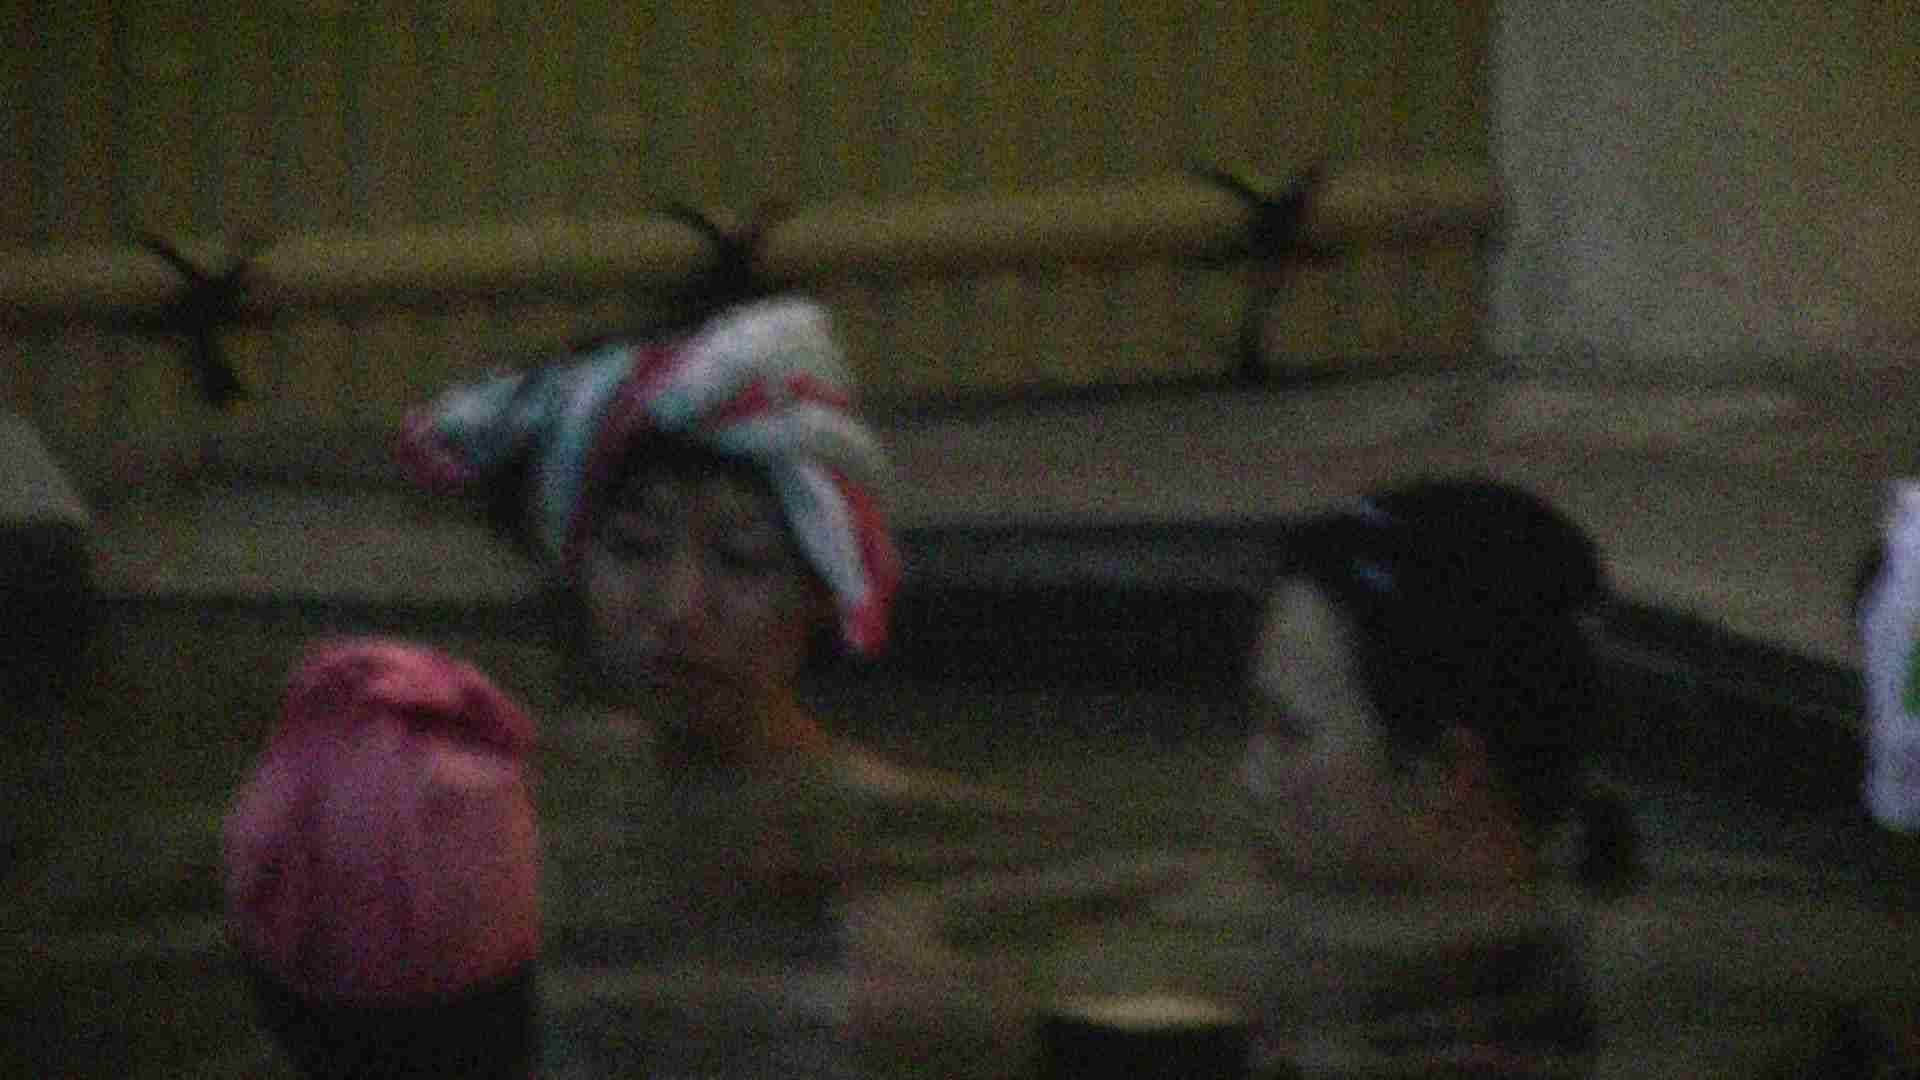 Aquaな露天風呂Vol.149 美しいOLの裸体 | 盗撮師作品  101pic 91